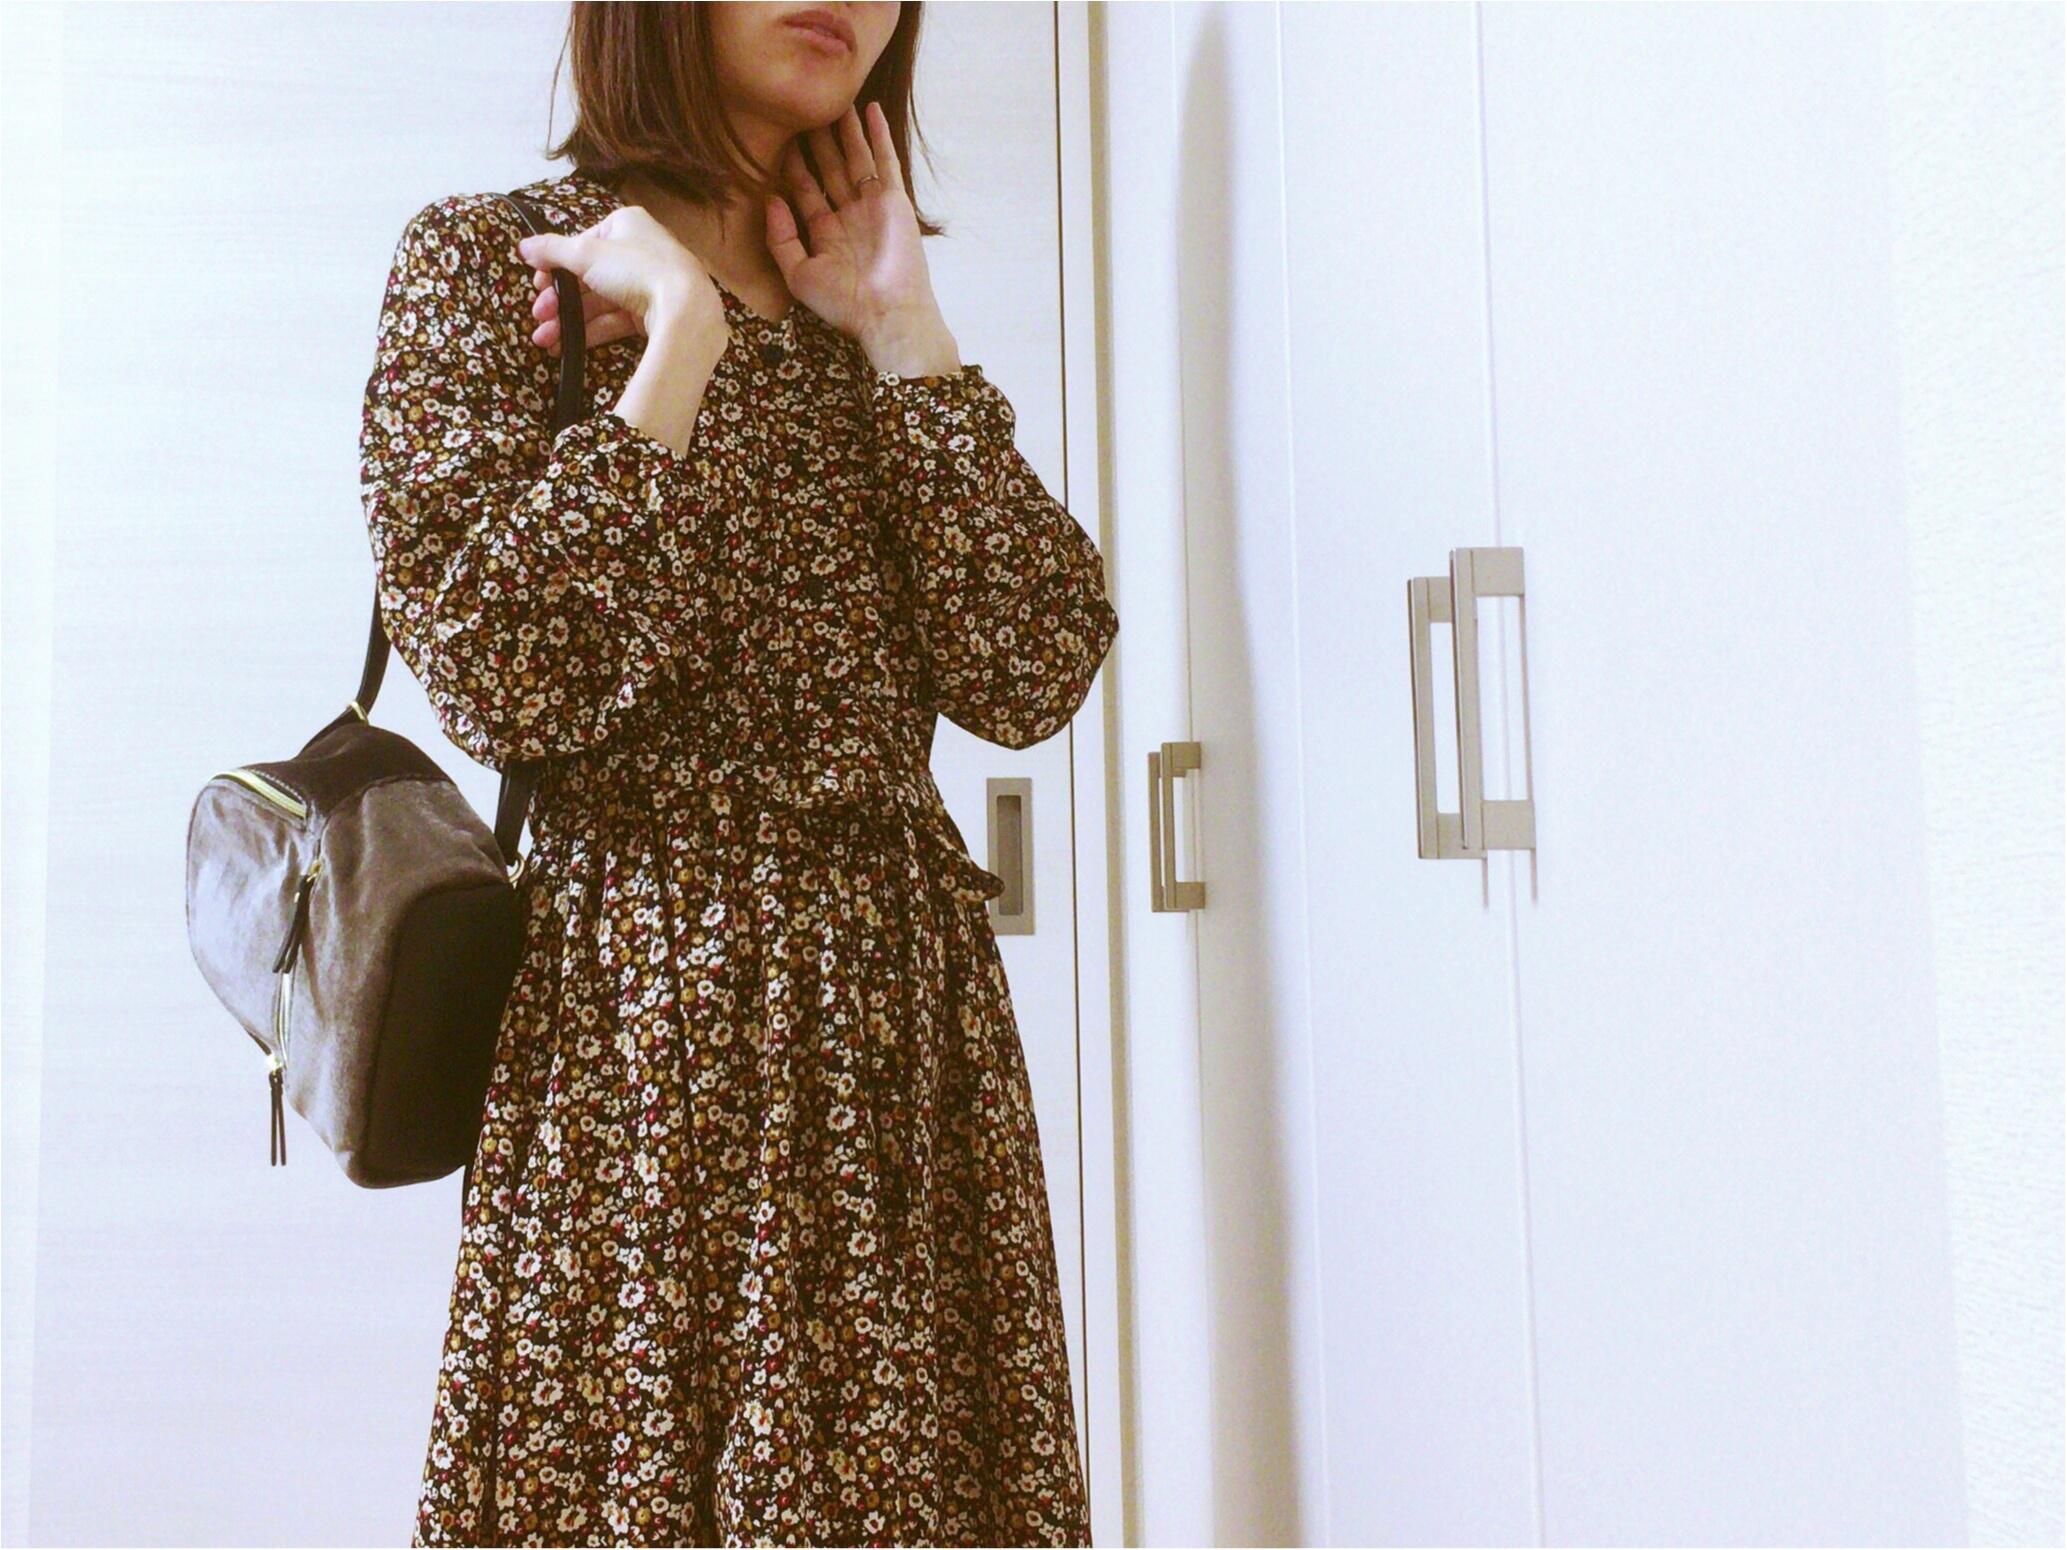 《Honeys》ヴィンテージ風花柄ワンピース【秋冬ファッション】プリプラ楽チンで!可愛いのんGET♡_4